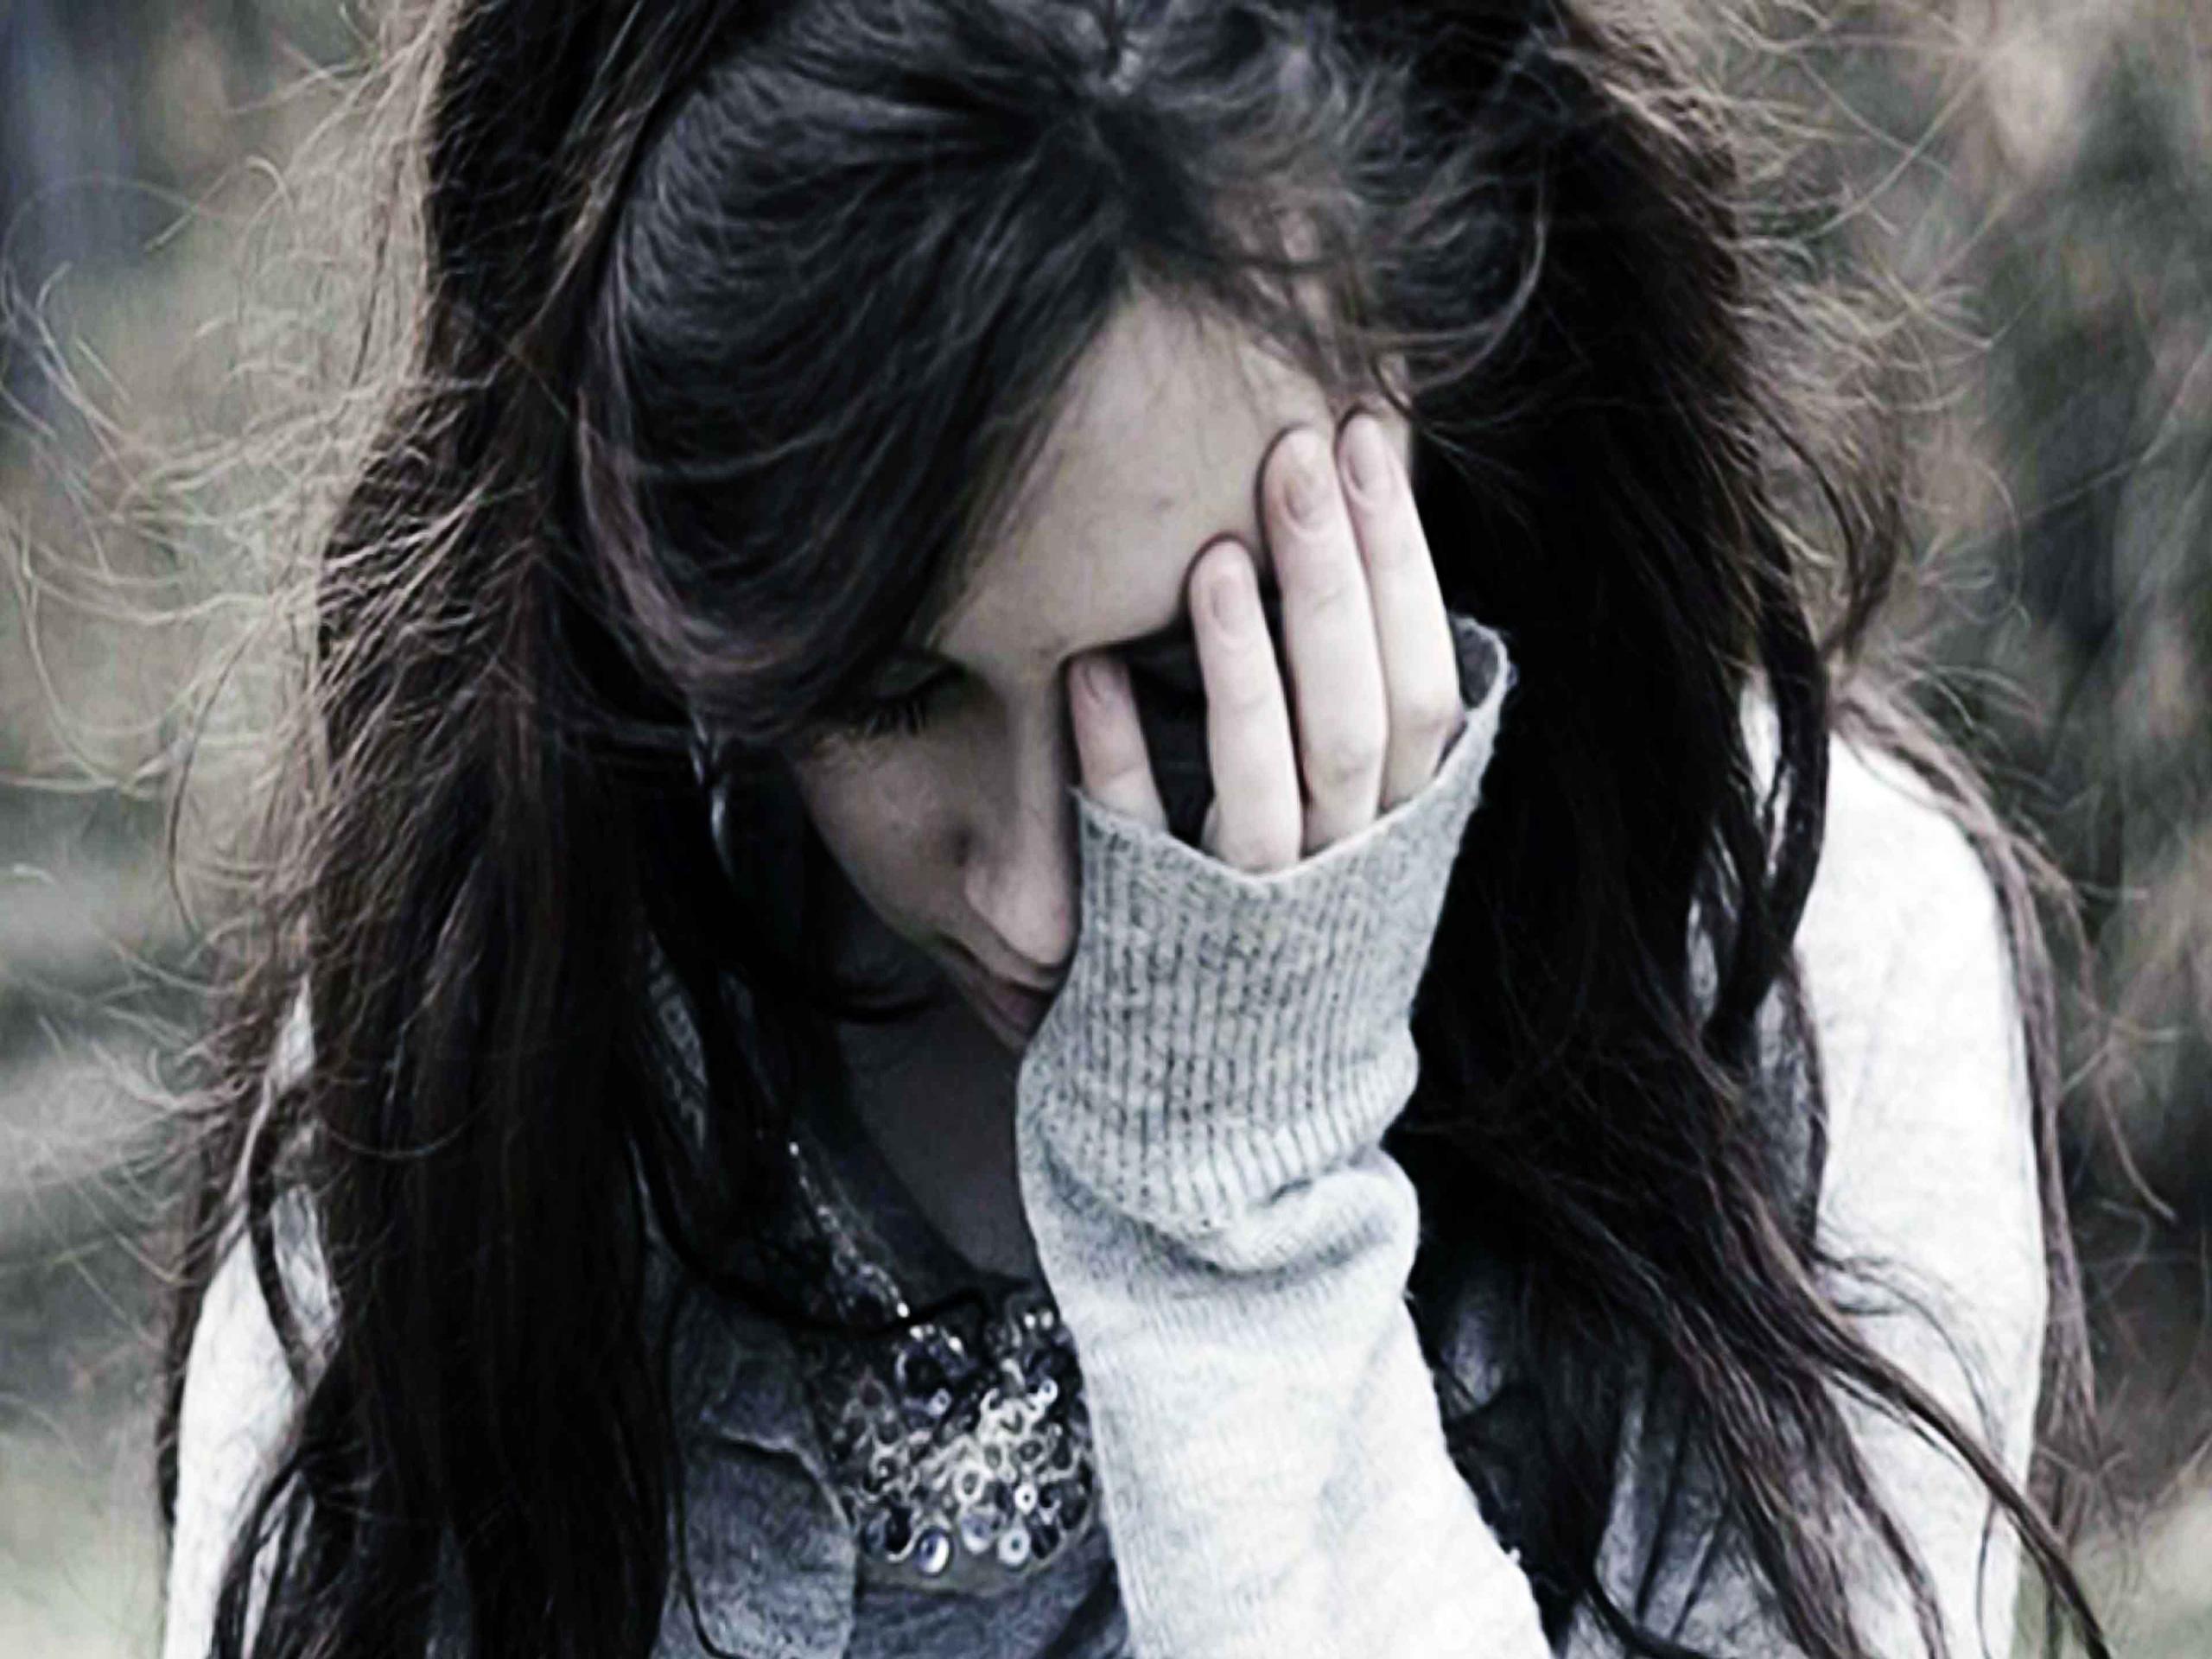 بالصور صور بنات حزين , شاهد اروع صور البنات الجميلة والحزينة 11478 15